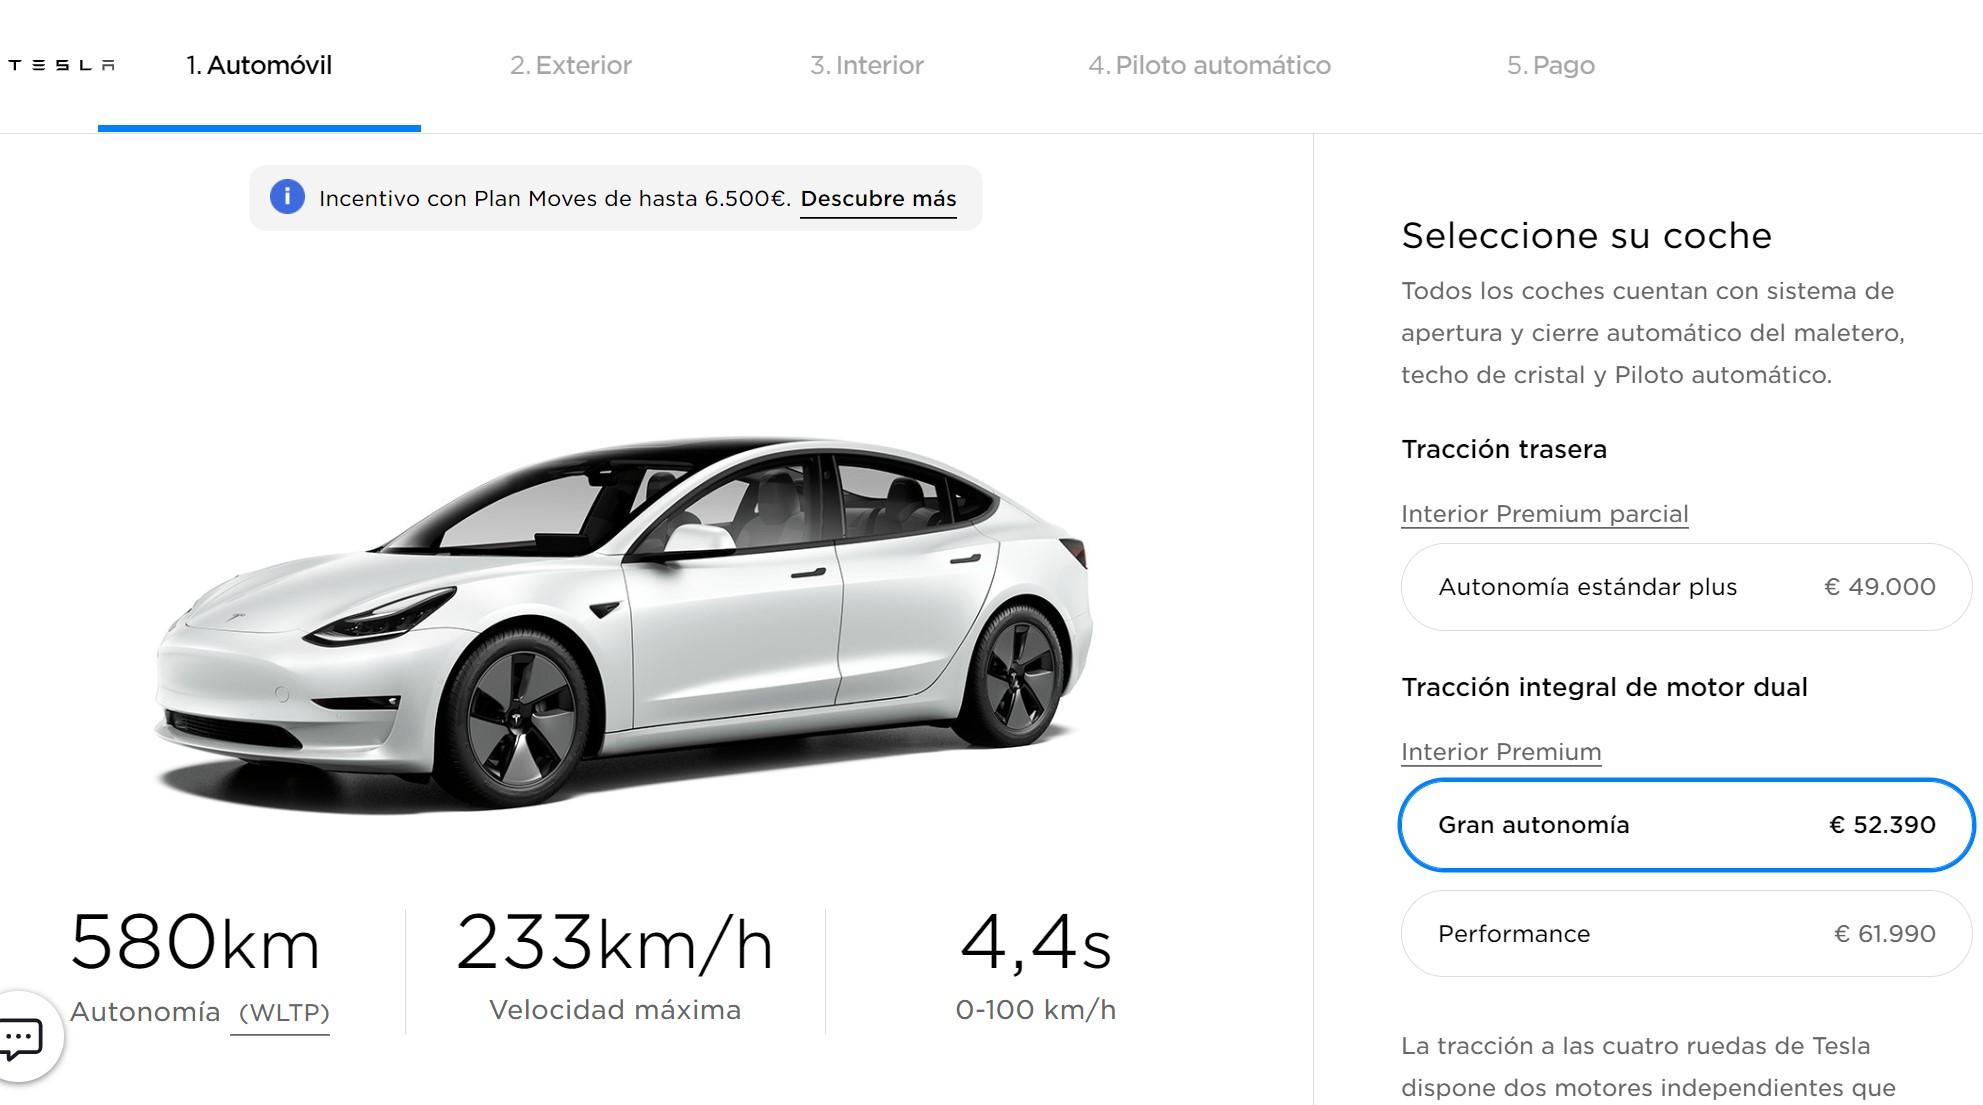 Tesla Model 3 Precio España Enero 2021